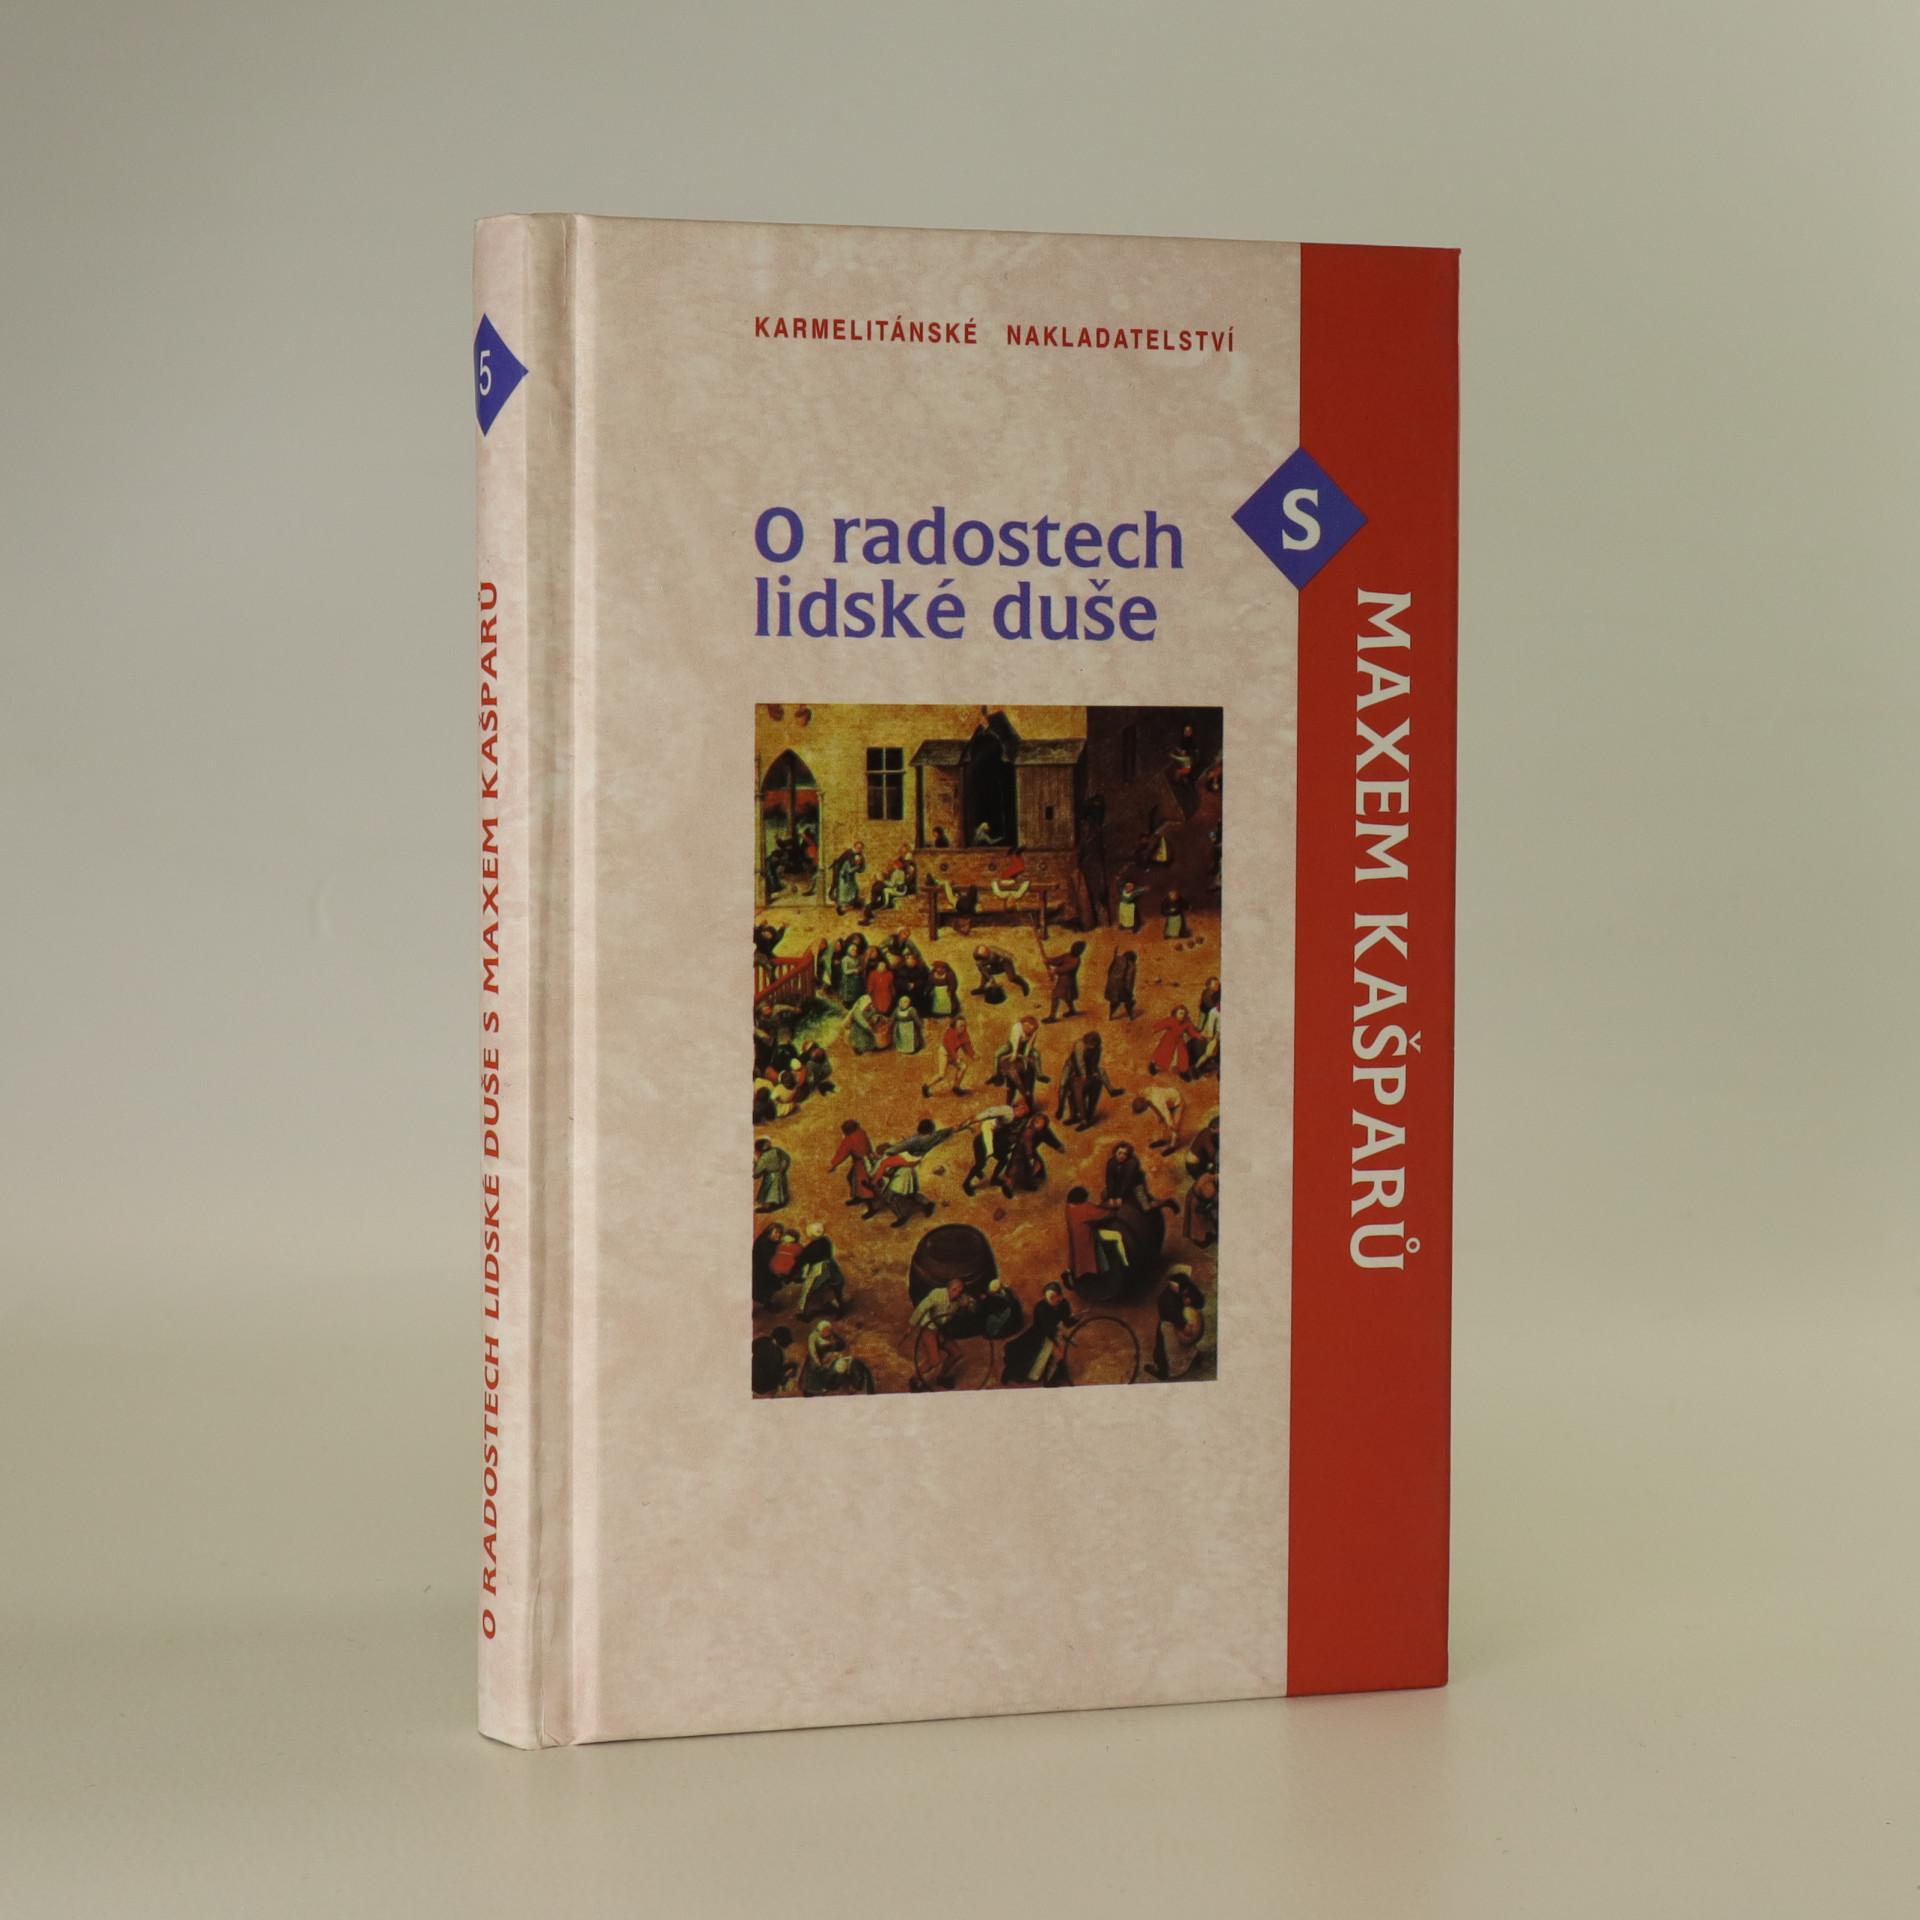 antikvární kniha O radostech lidské duše s Maxem Kašparů, 2001